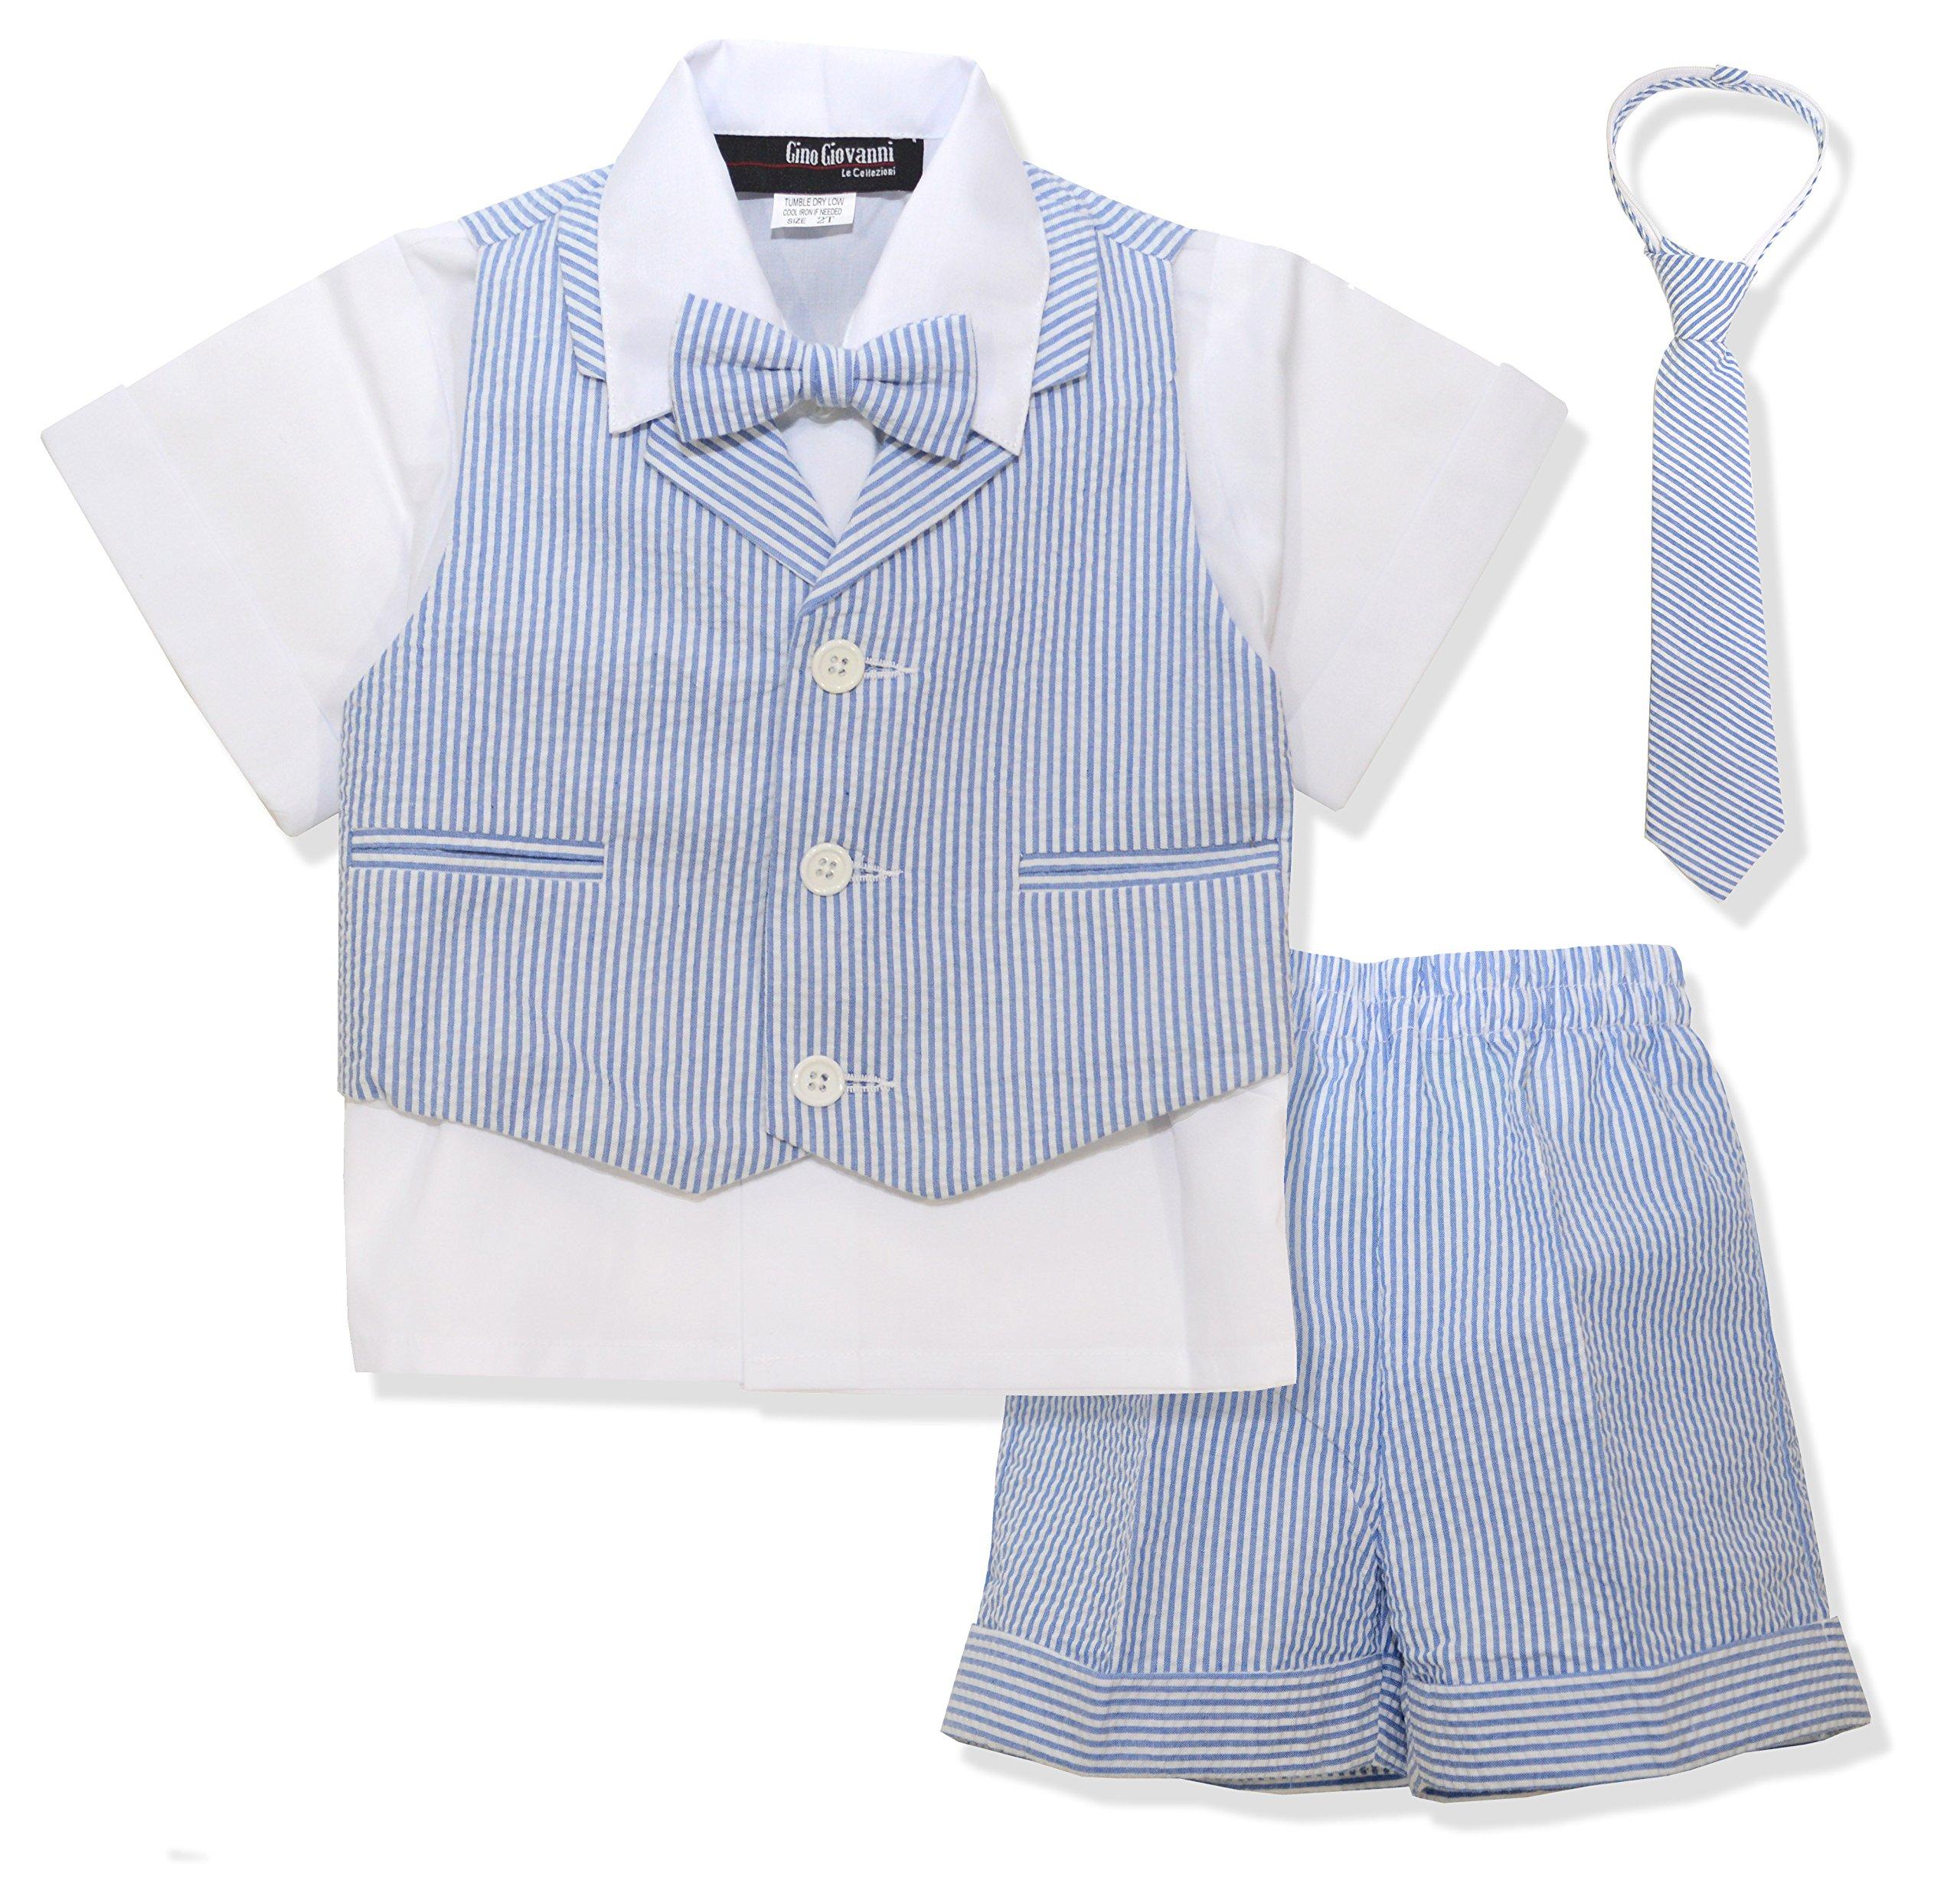 Gino Giovanni G286 Baby Toddler Boy Seersucker Summer Suit Vest Short Set (X-Large/18-24 Months, Blue)